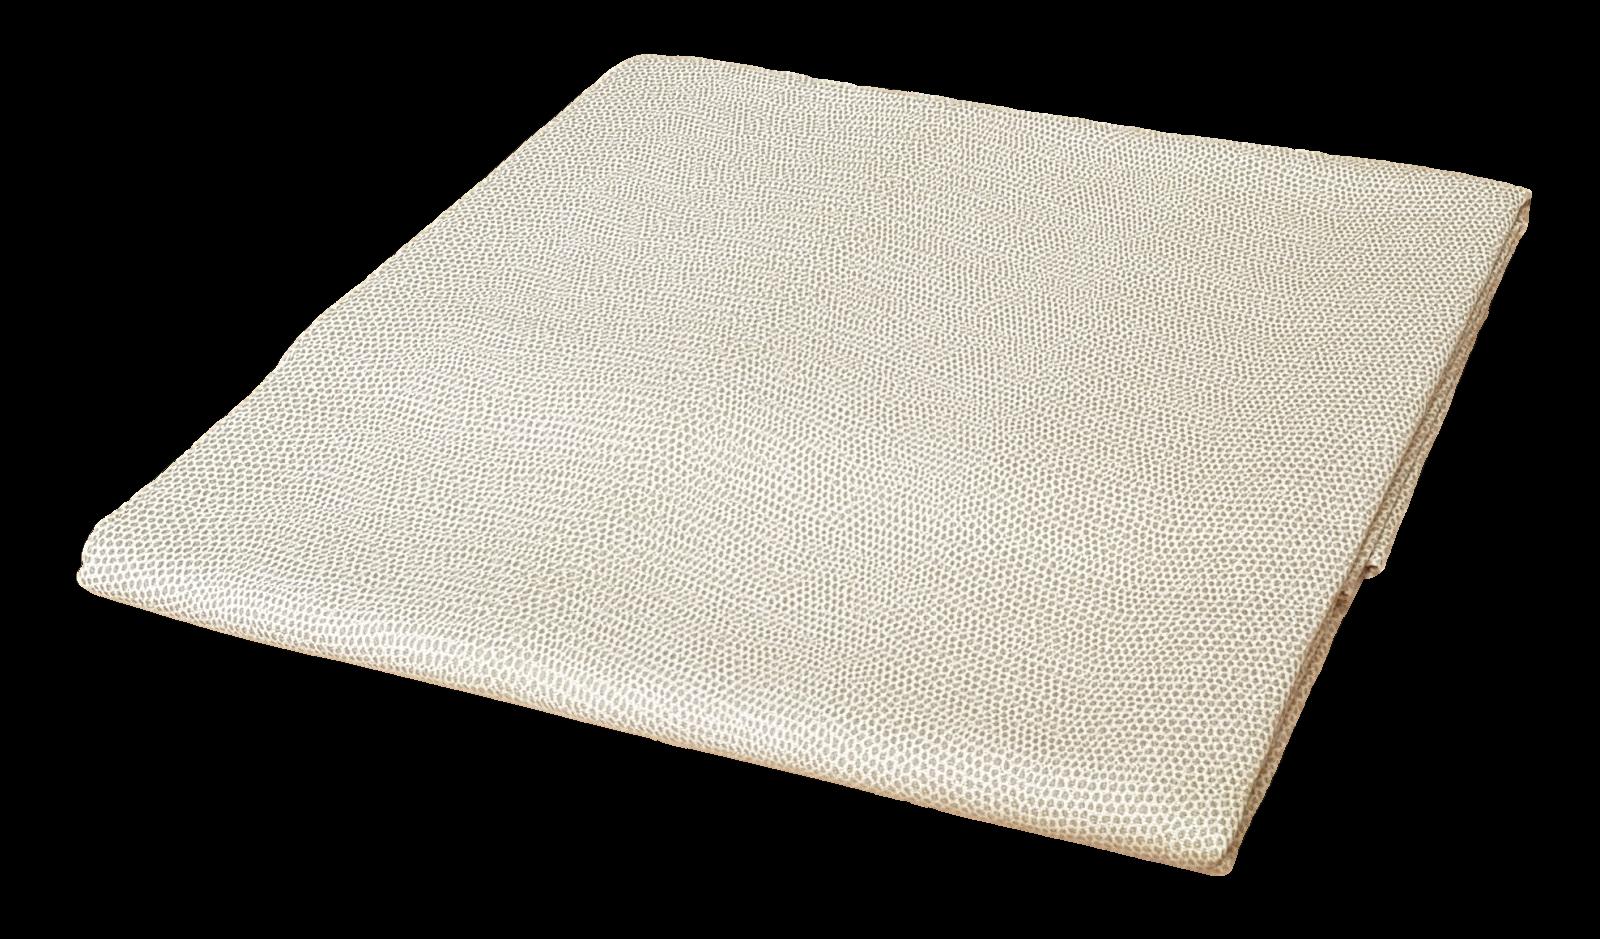 Copriletto estivo leggero Jacquard in Puro cotone GABEL CHROMO Singolo, 1 Piazza